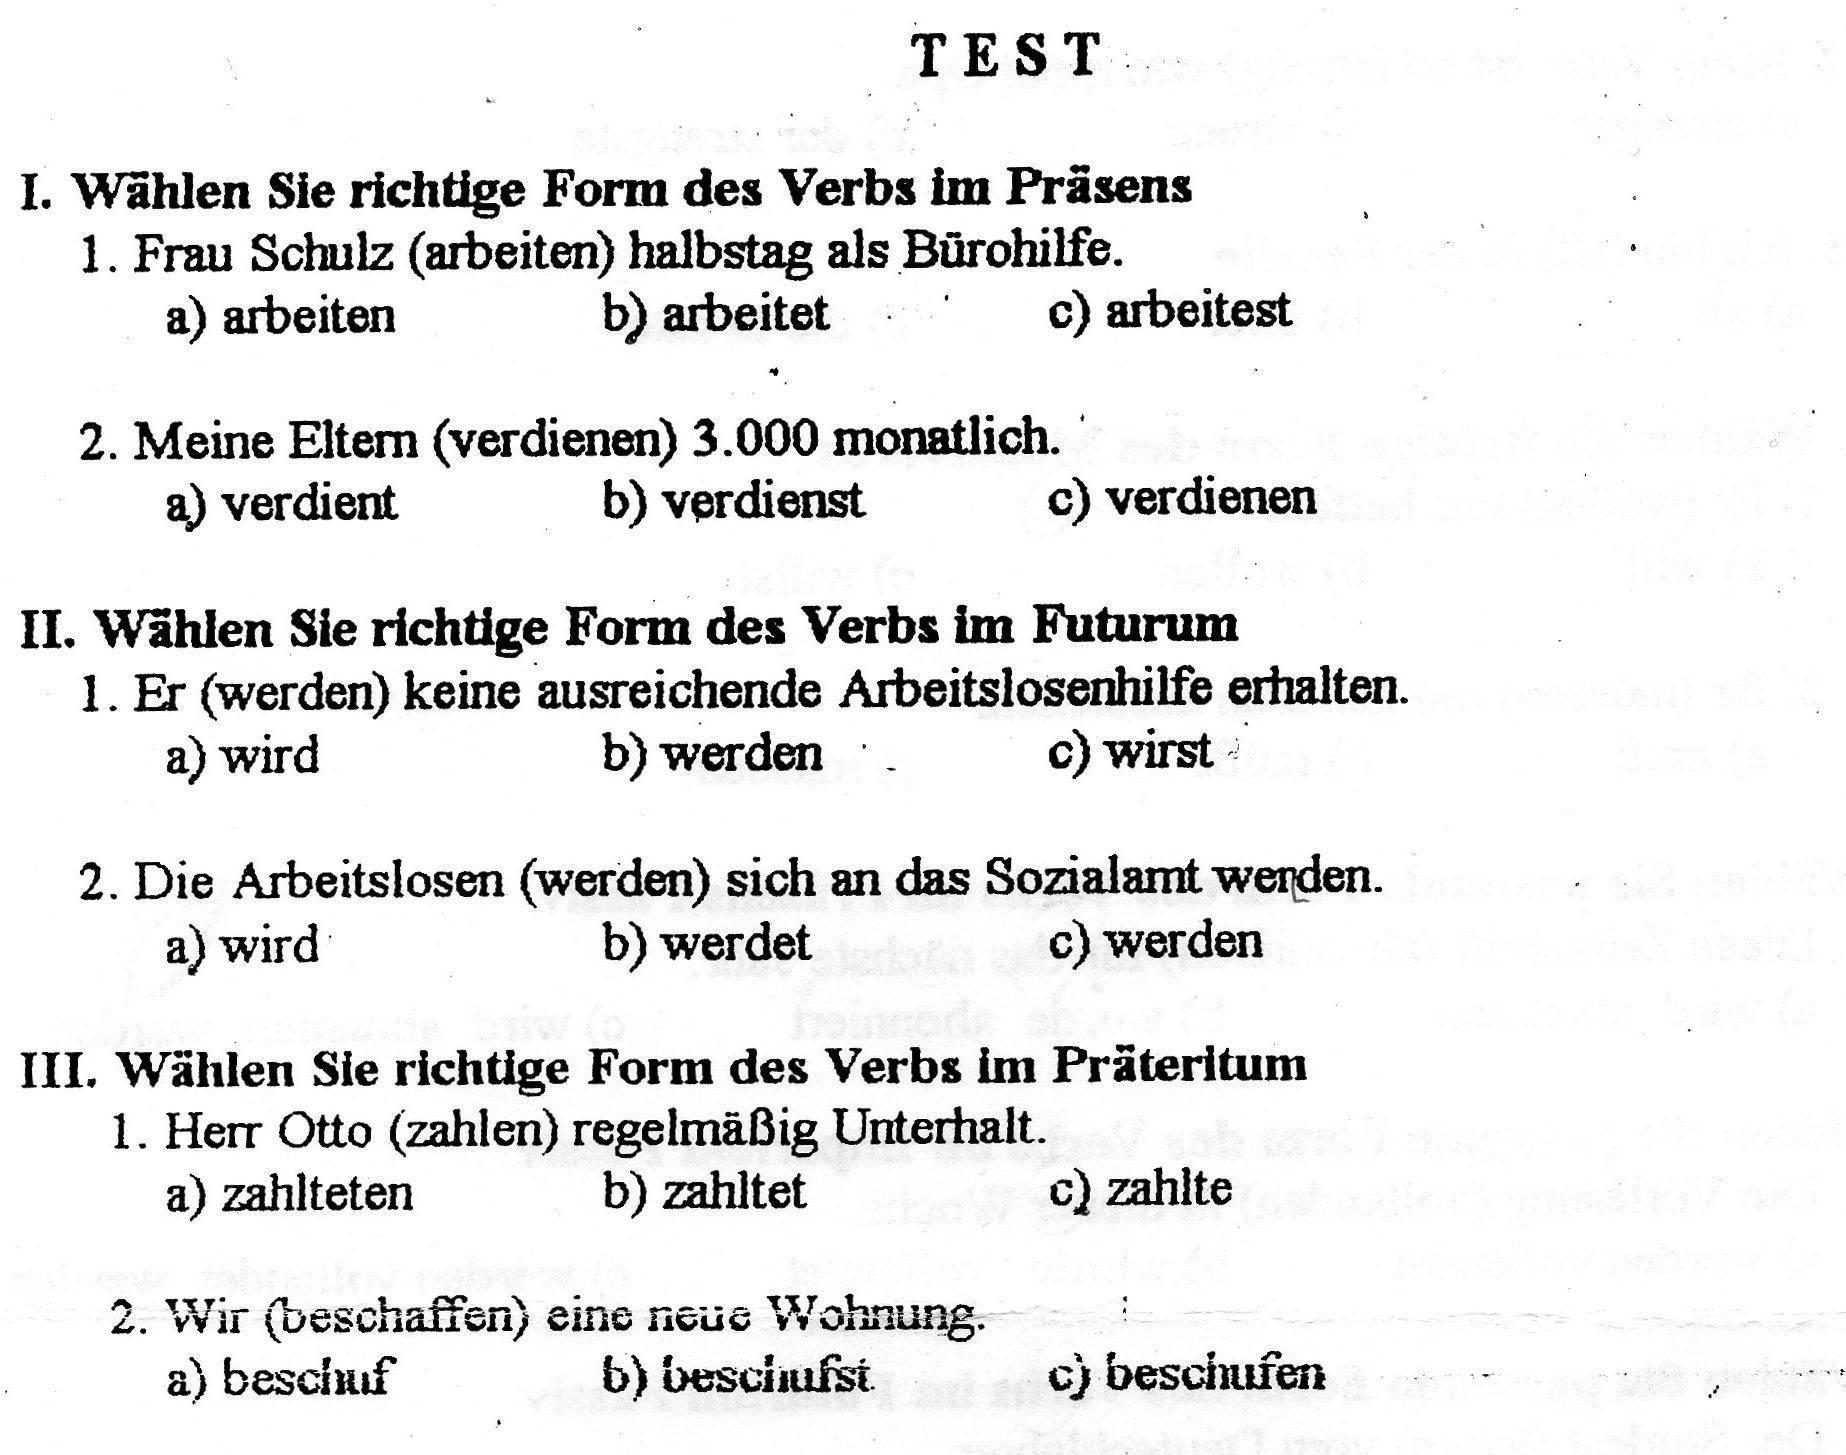 Тест по истории германия на пути к единству 8 класс